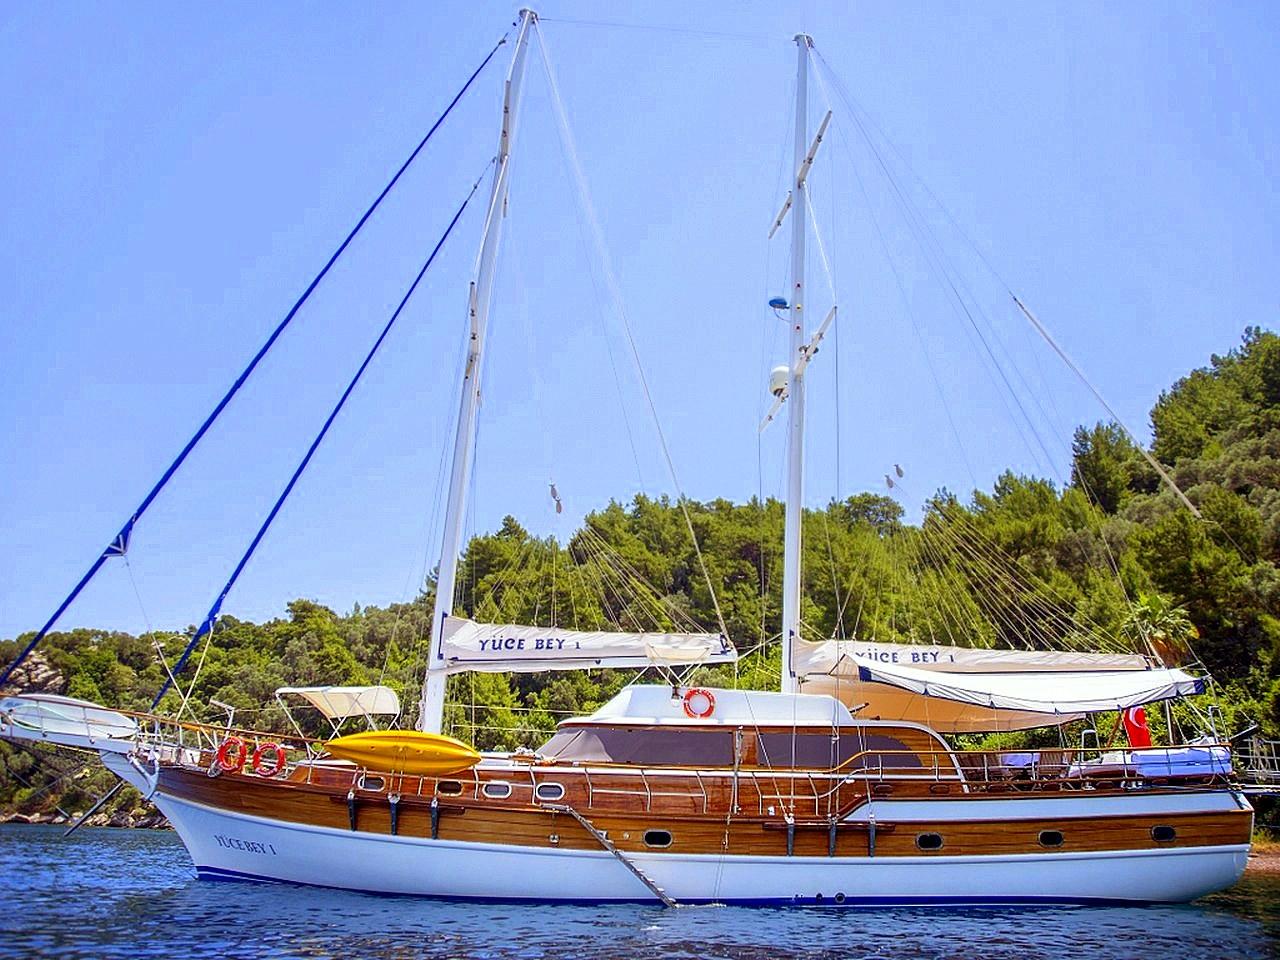 Yacht Yuce Bey 1